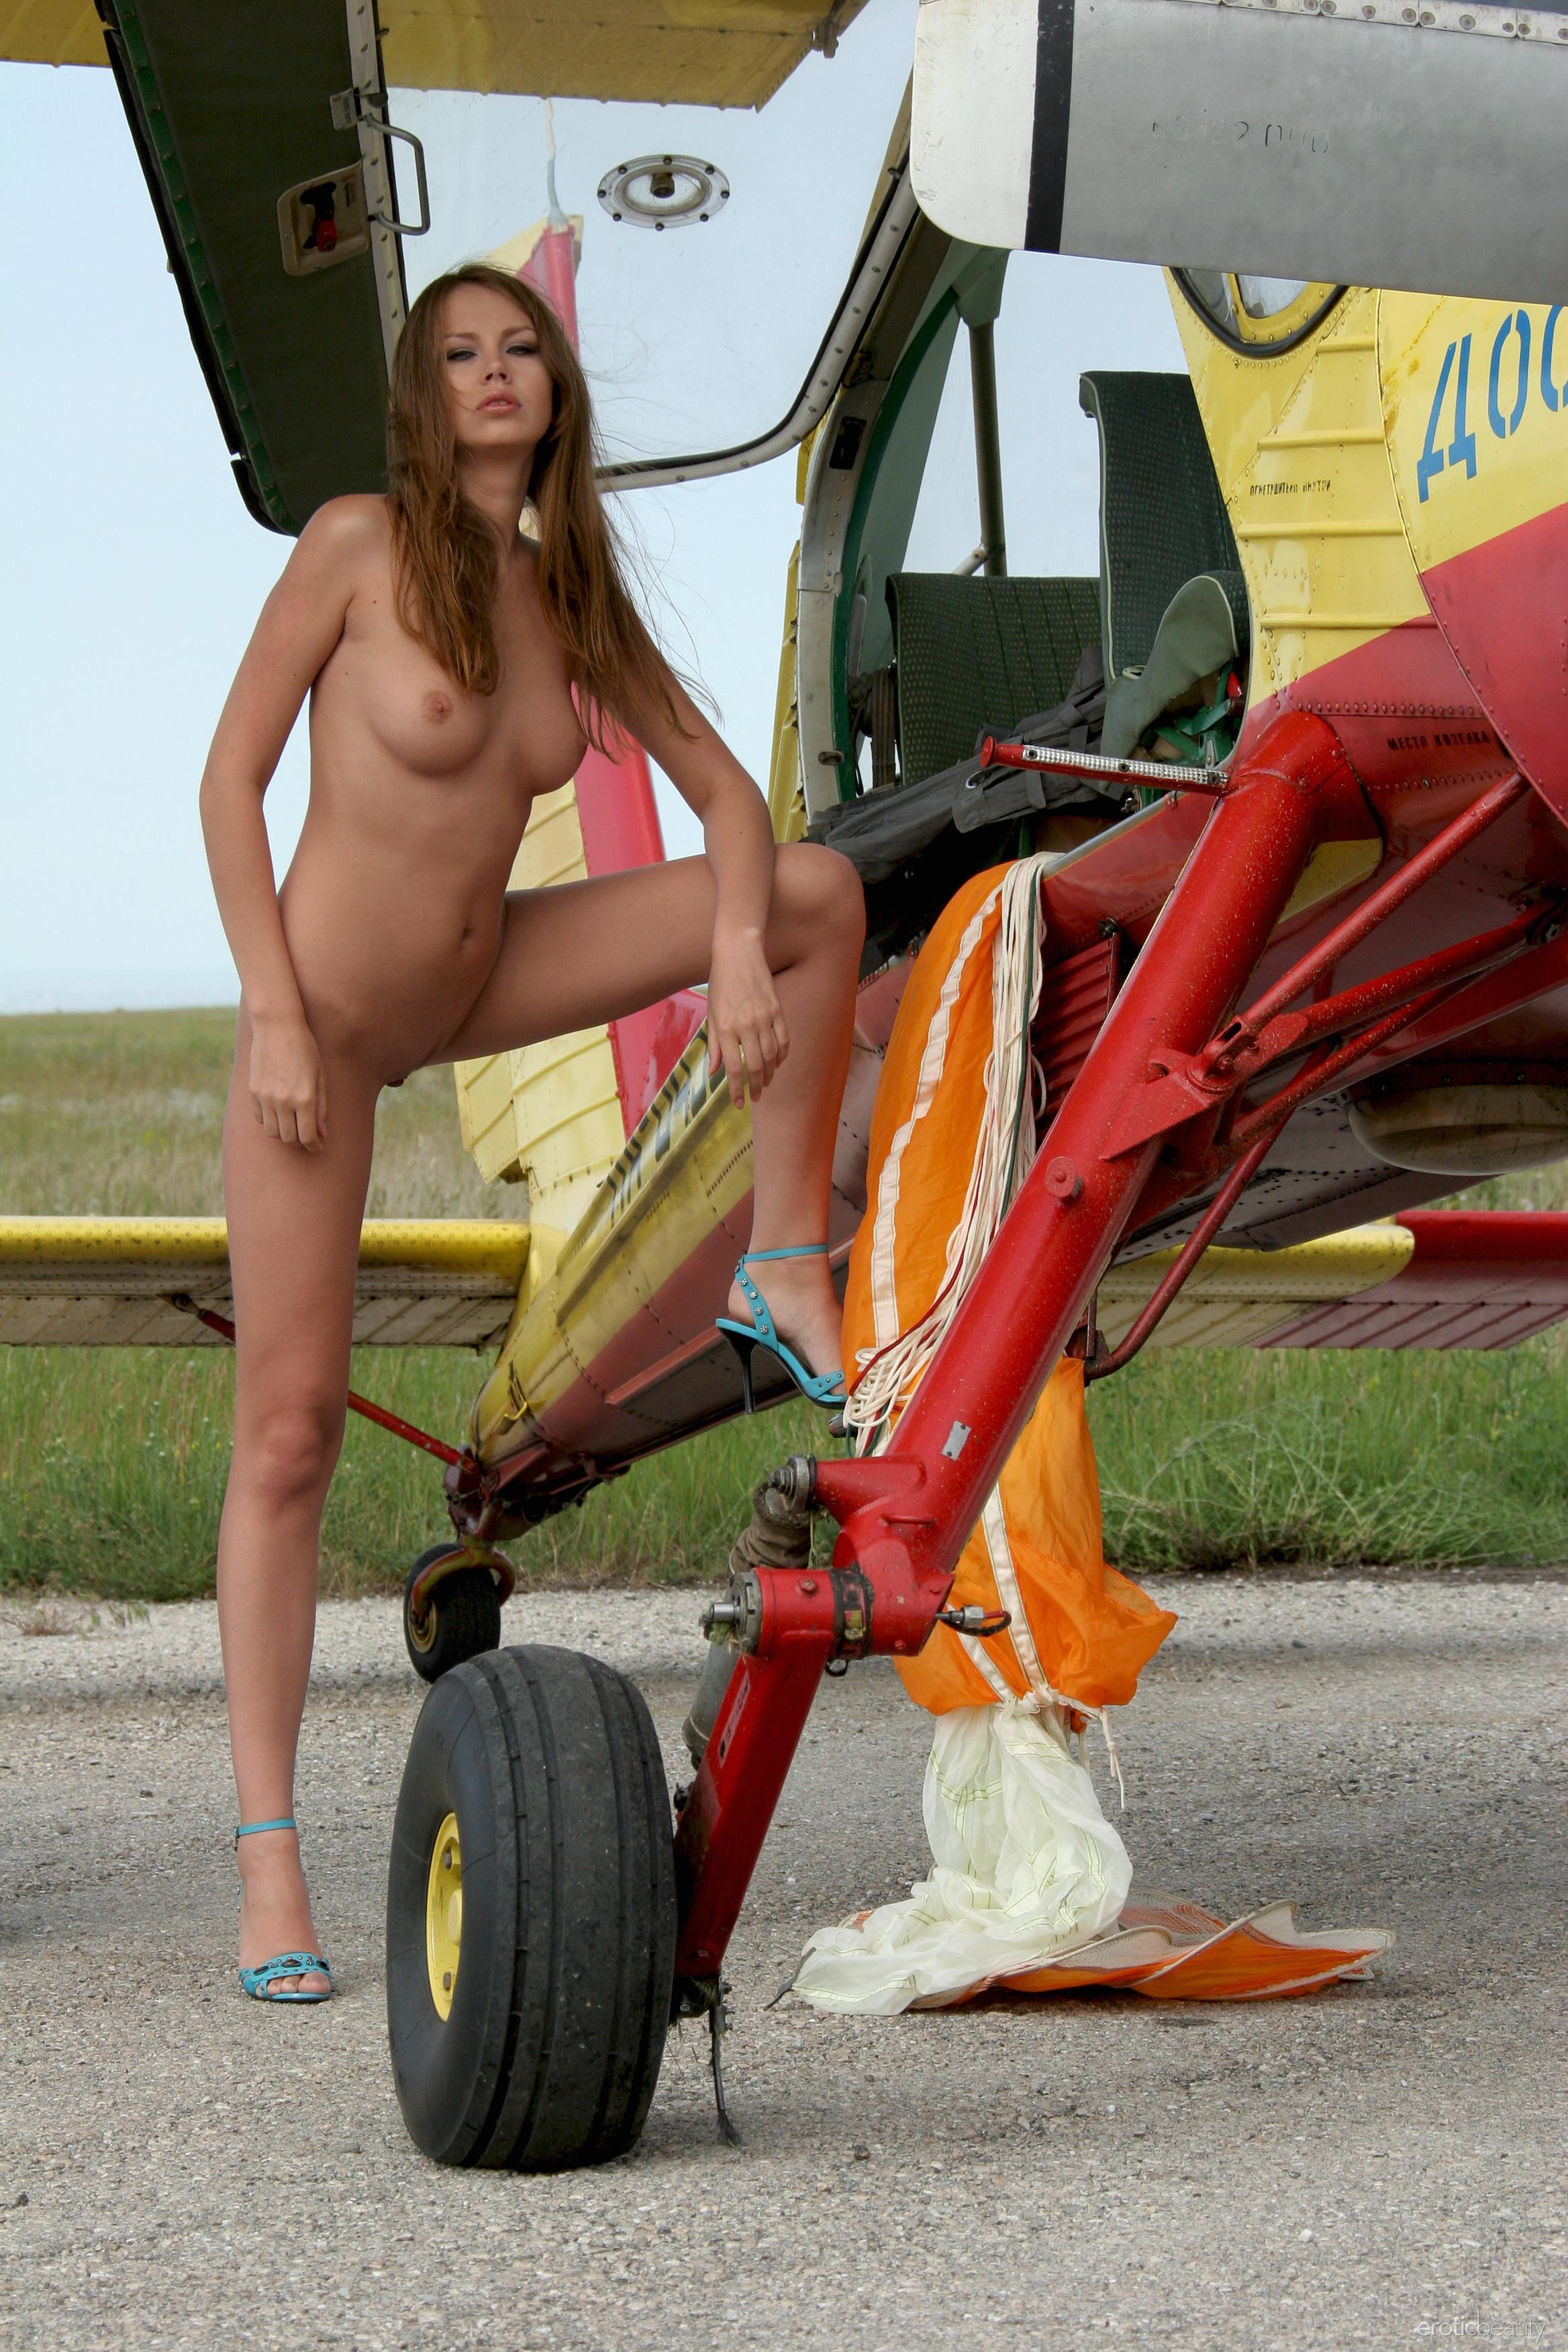 eb_aviation_nadya_hig8eset.jpg